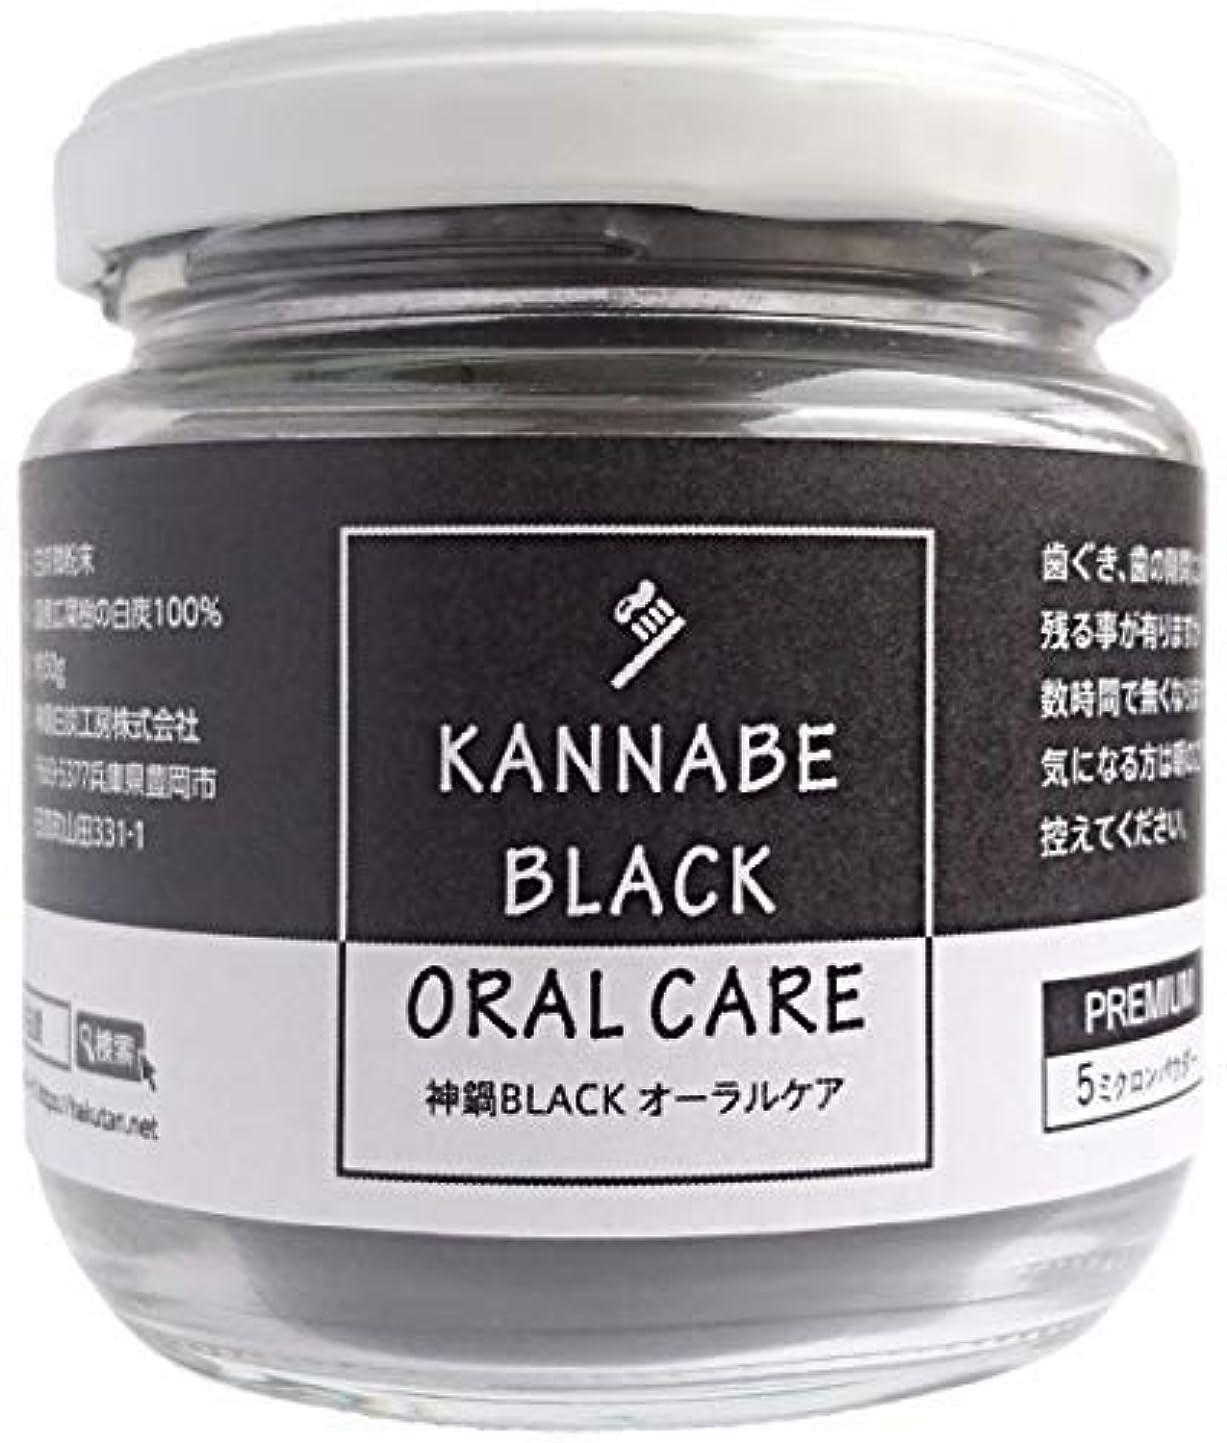 持参気晴らし建築ホワイトニング オーラルケア 歯磨き 口臭 炭パウダー チャコール 5ミクロン 神鍋BLACK 独自白炭製法 50g